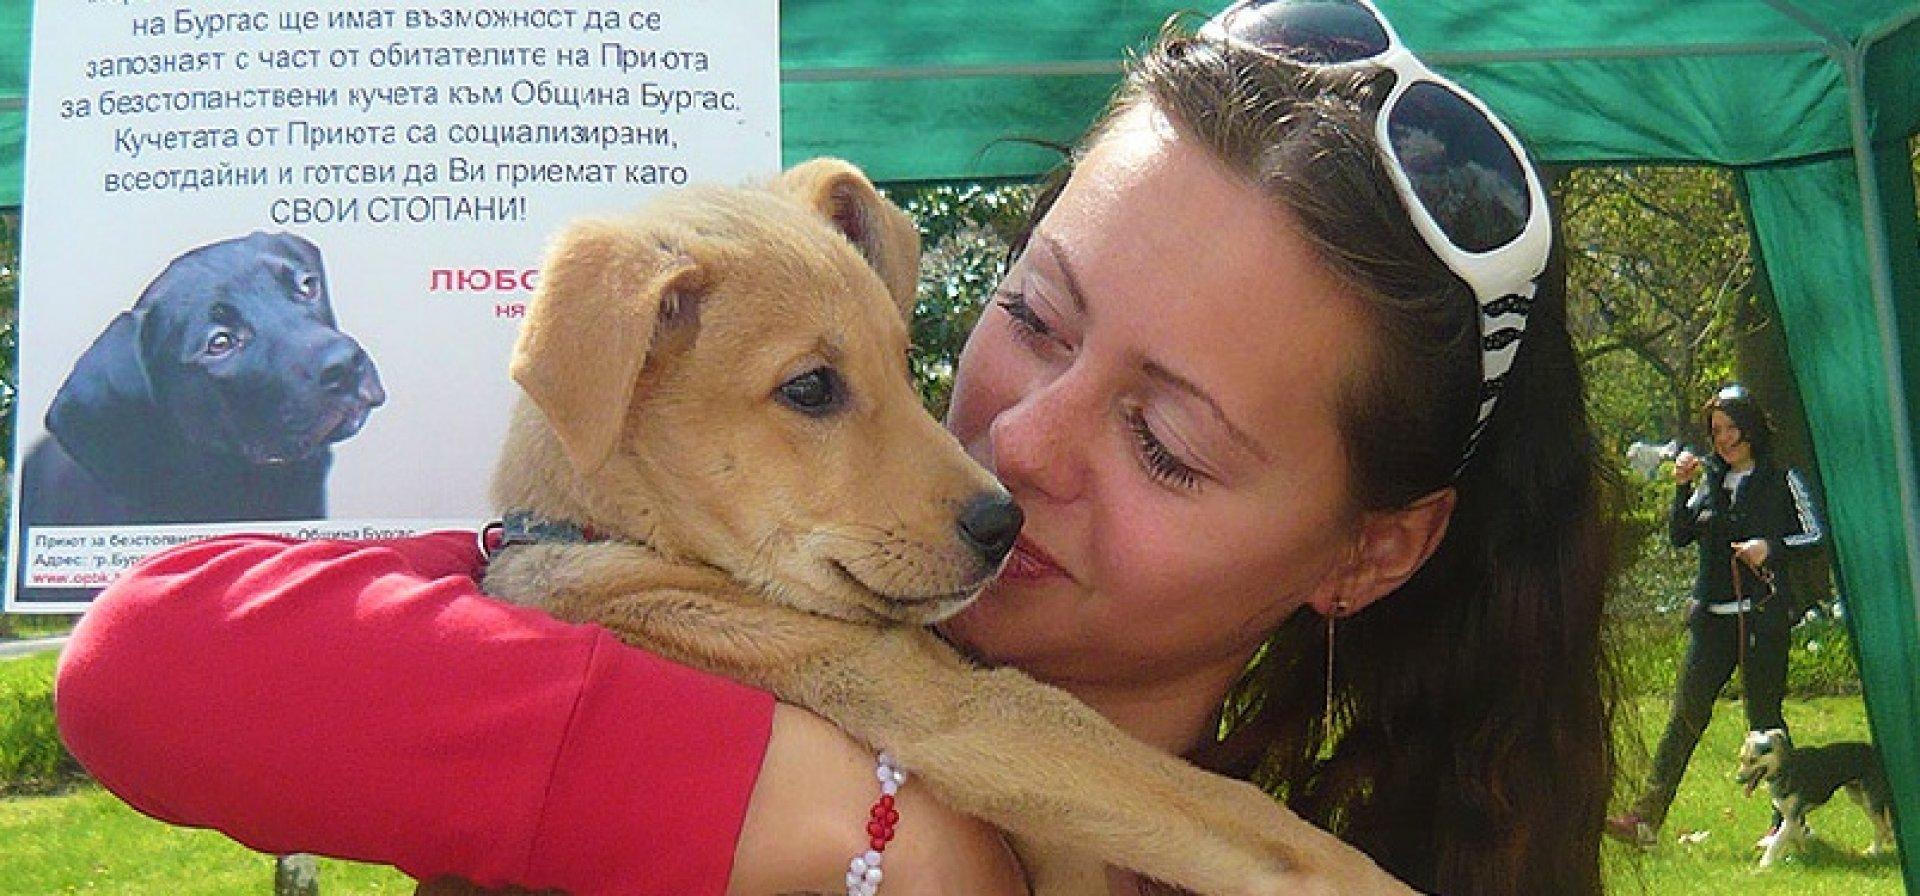 В Бургас от години не съществува проблем с безстопанствените кучета